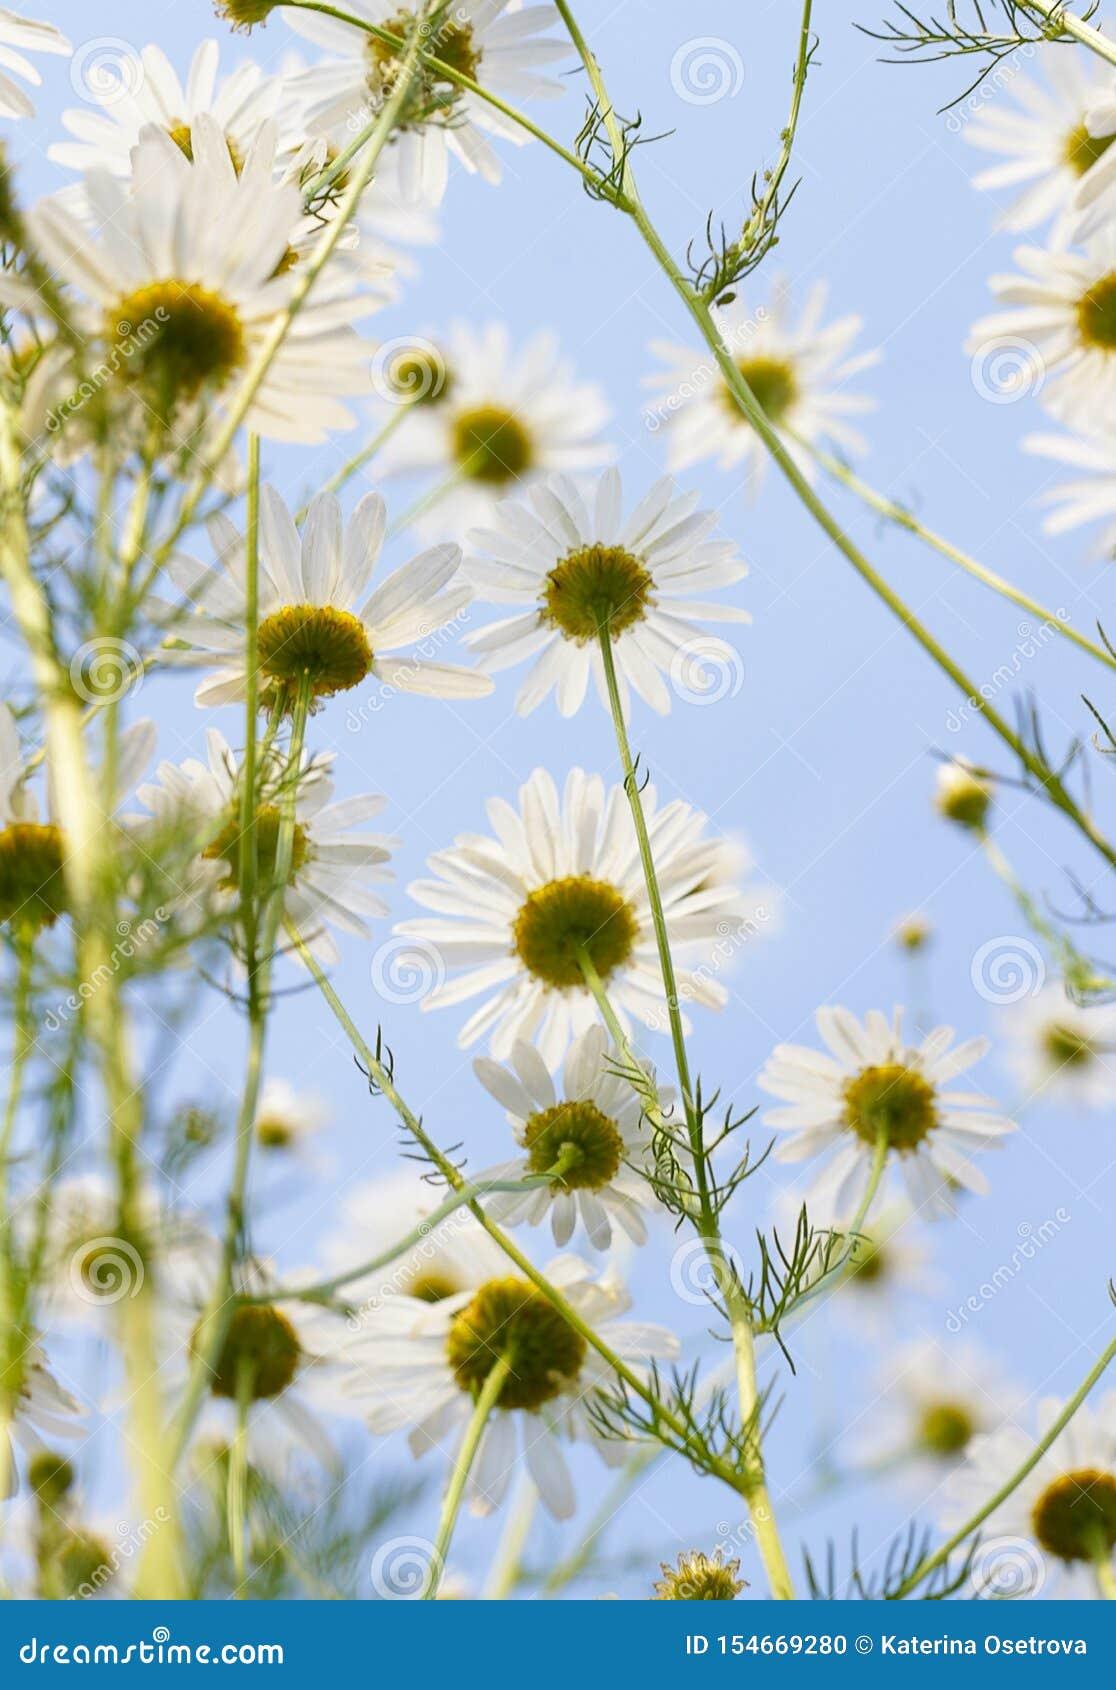 Margarida de florescência contra um céu azul Flor de florescência amarela branca do prado